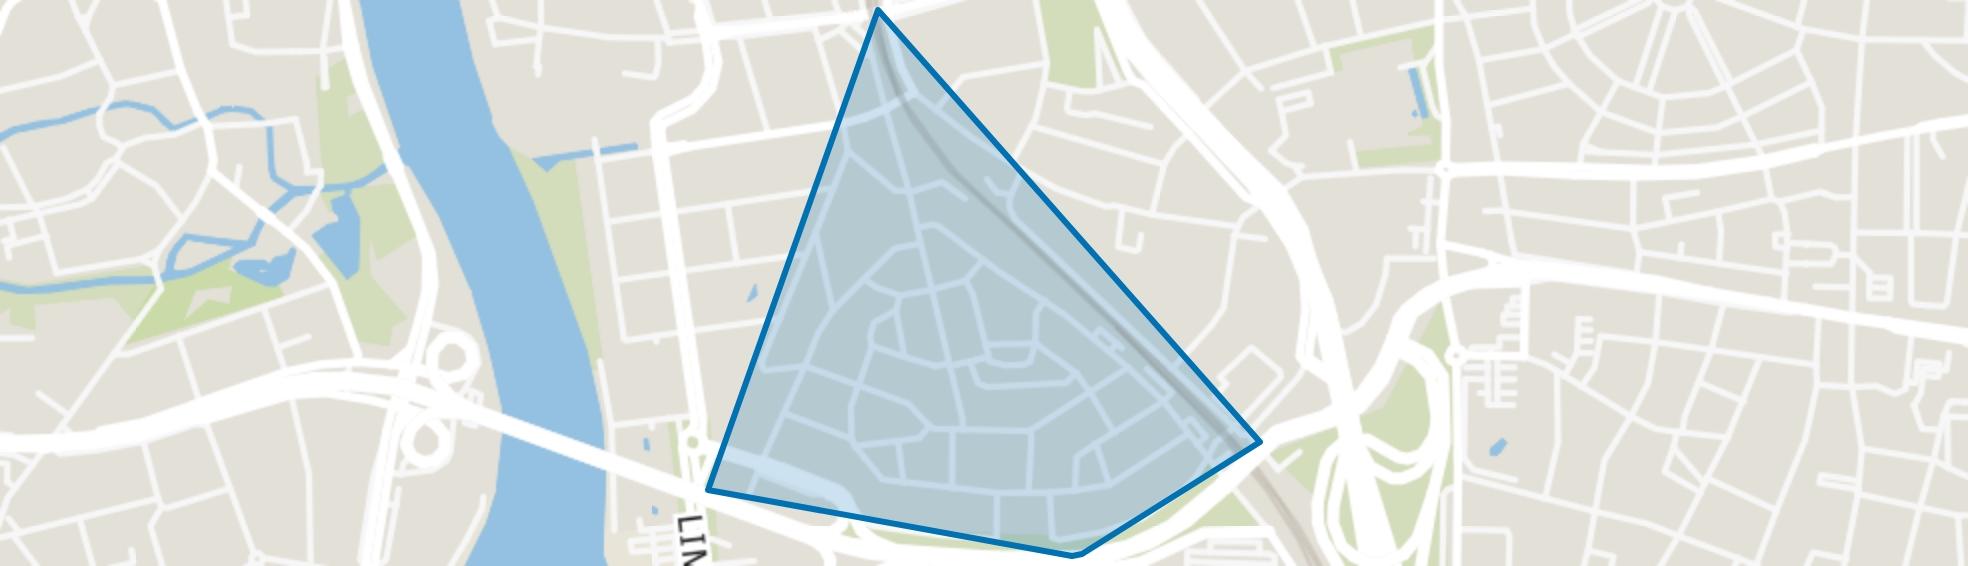 Heugemerveld, Maastricht map